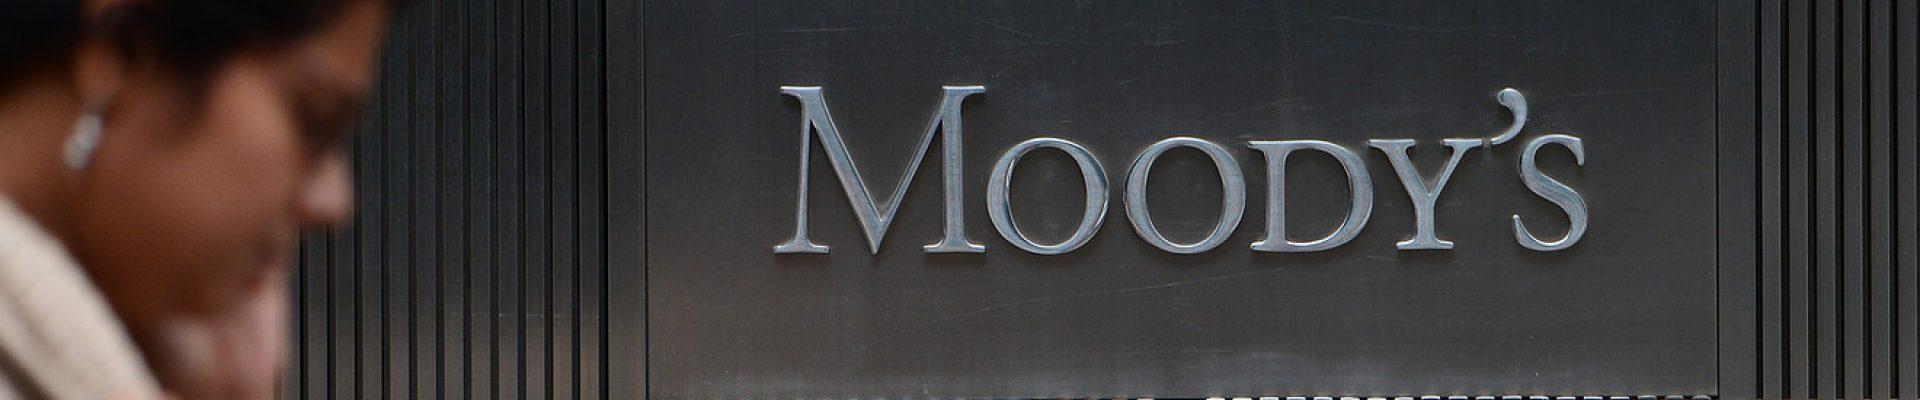 MW-IC973_moodys_ZG_20200324153620.jpg